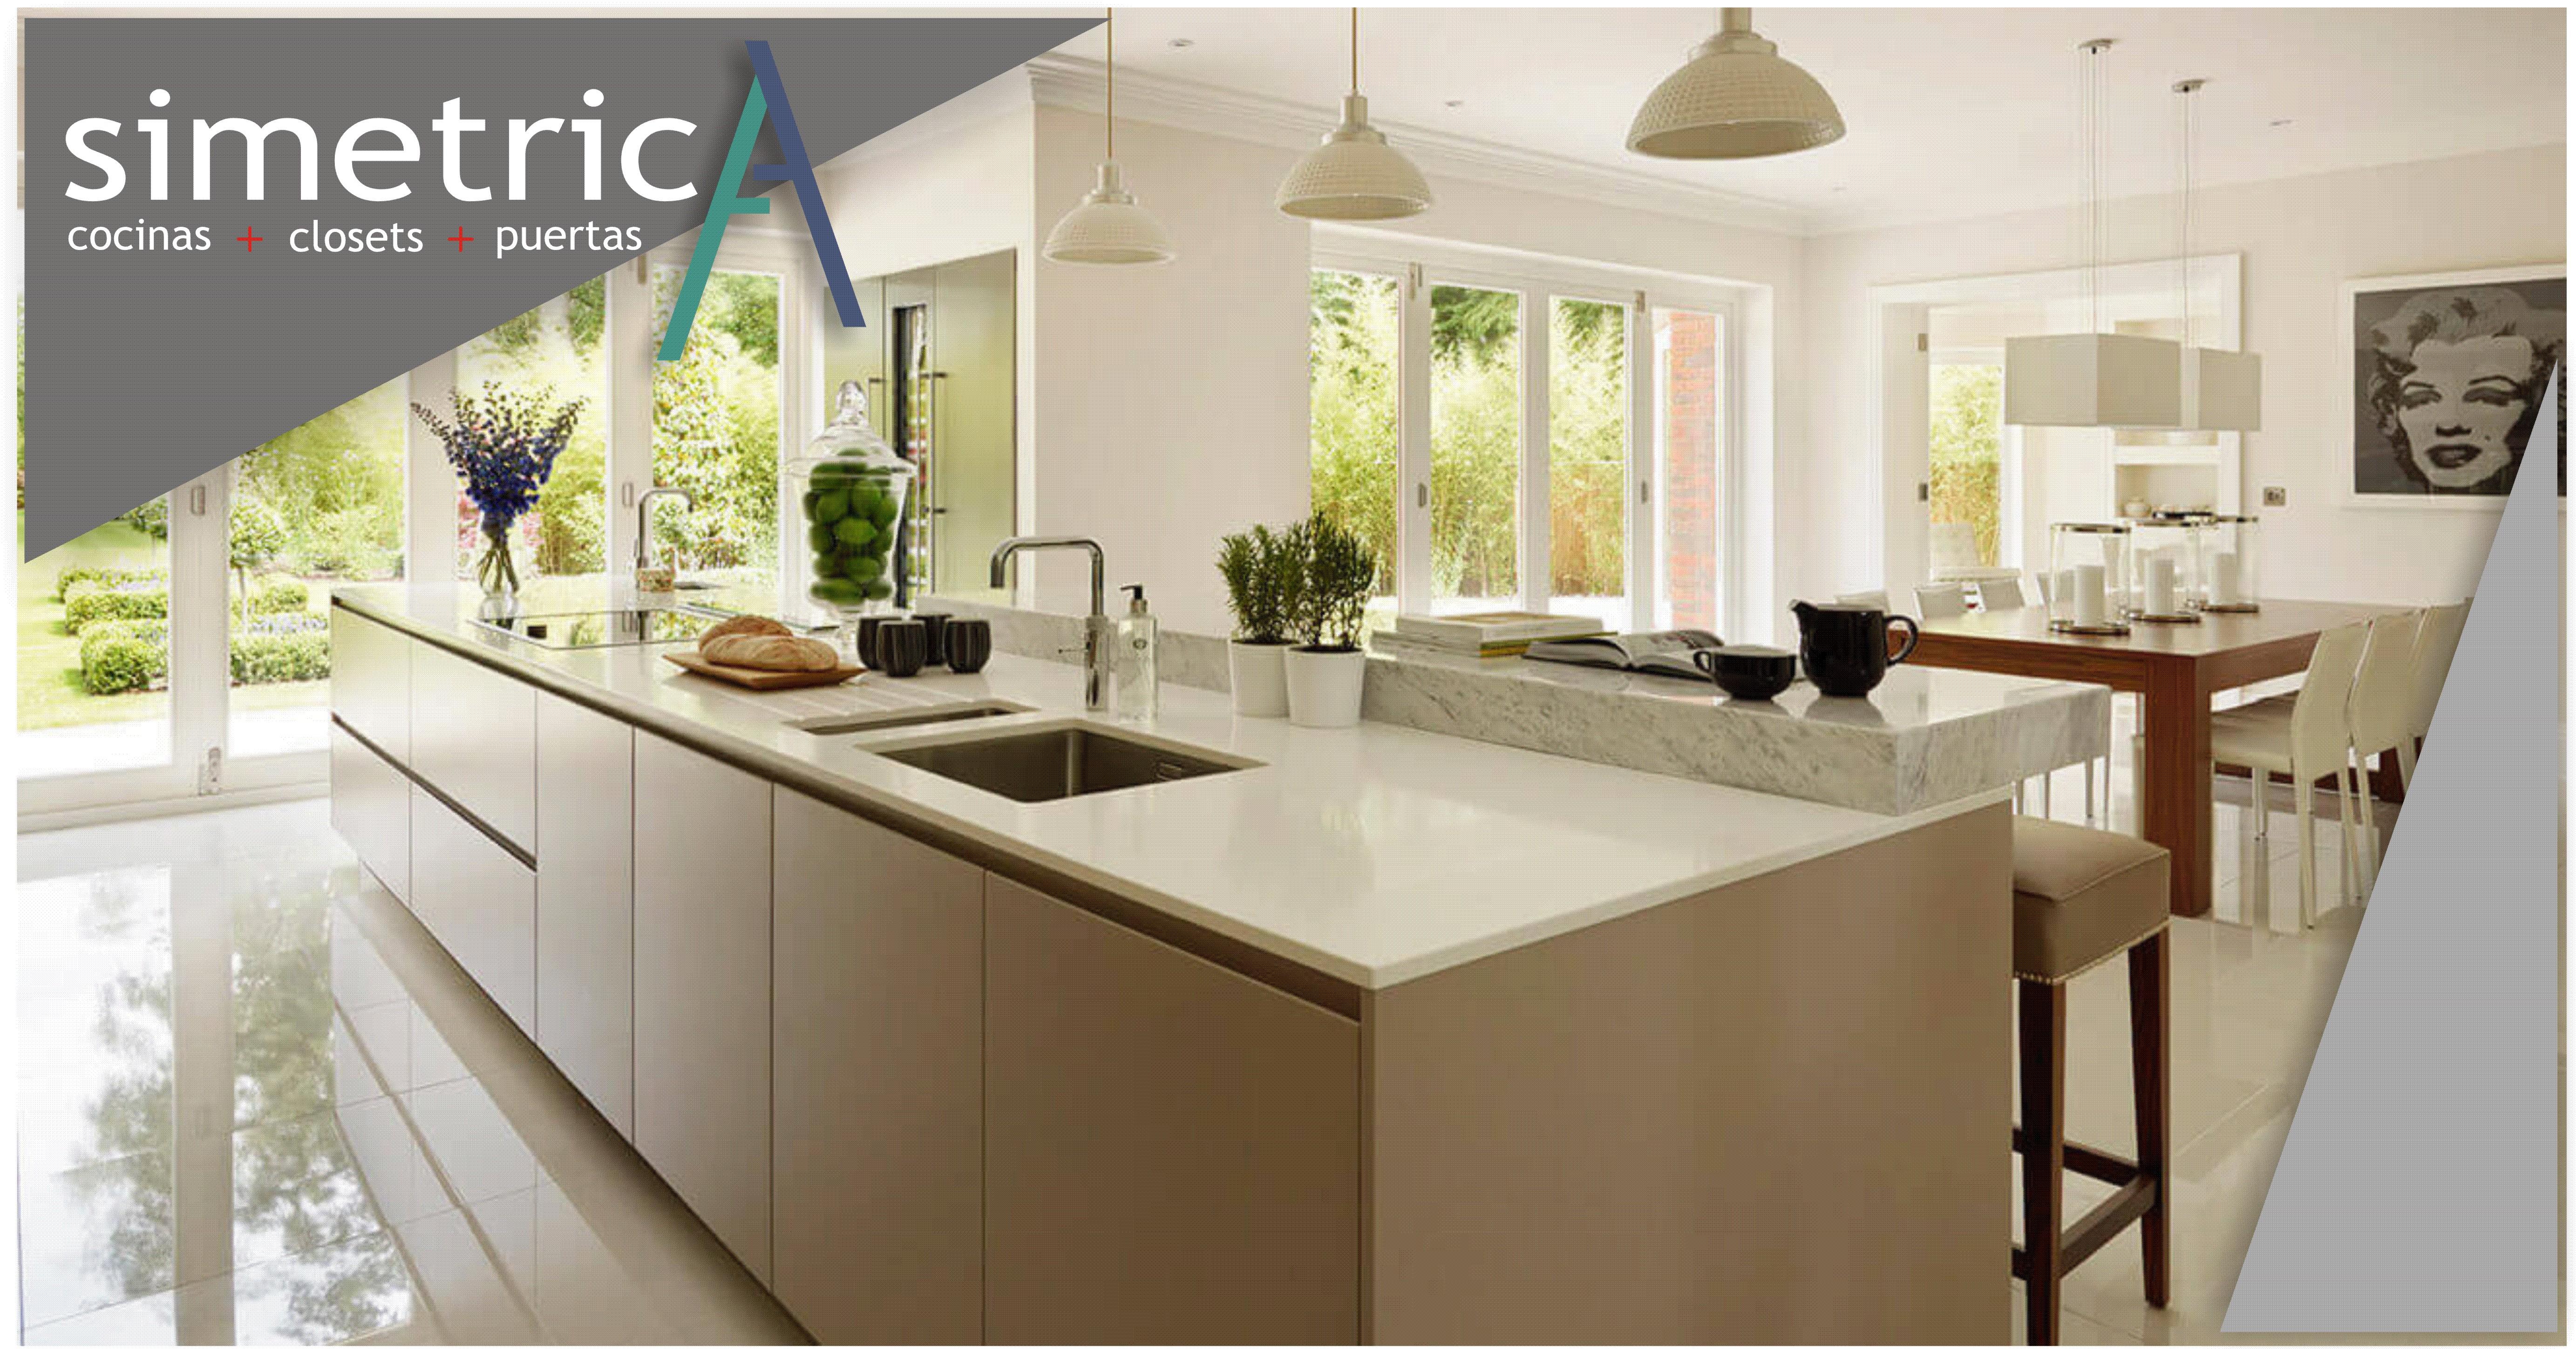 Closets simetrica cocinas closets dise o for App diseno cocinas